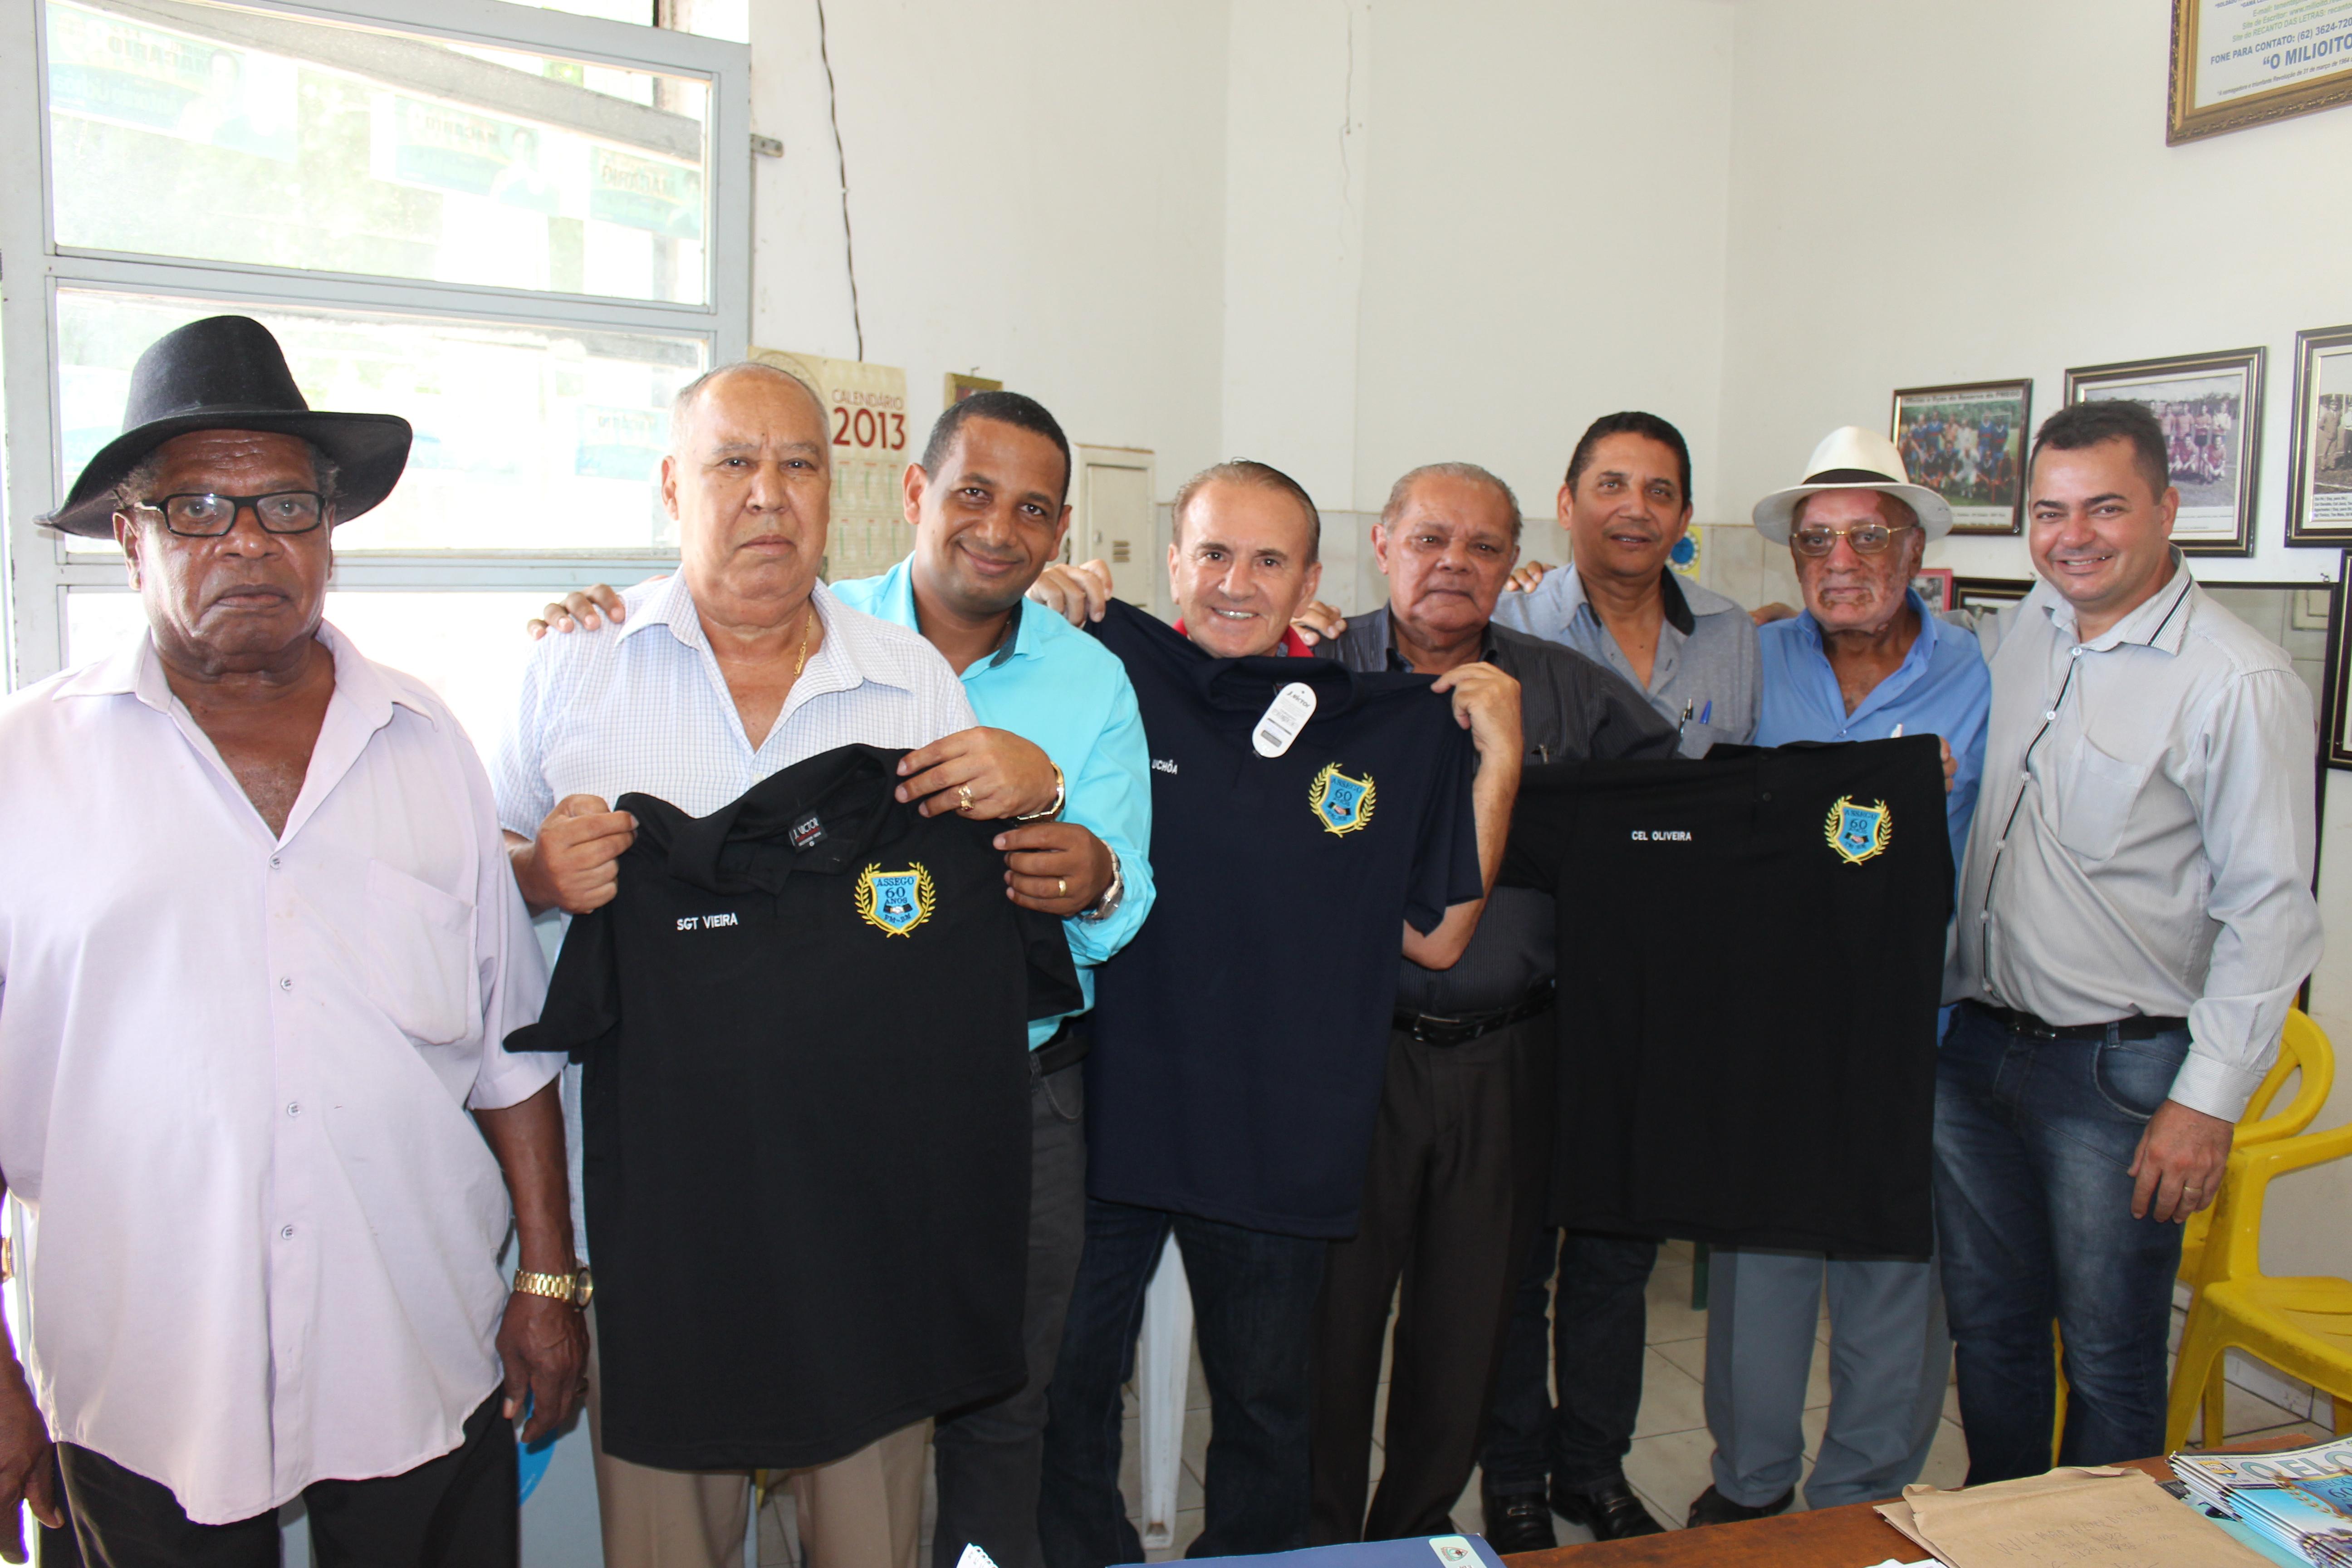 Presidente e diretores homenageiam associado e faz entrega de camisetas do Jubileu de 60 anos da ASSEGO às demais autoridades